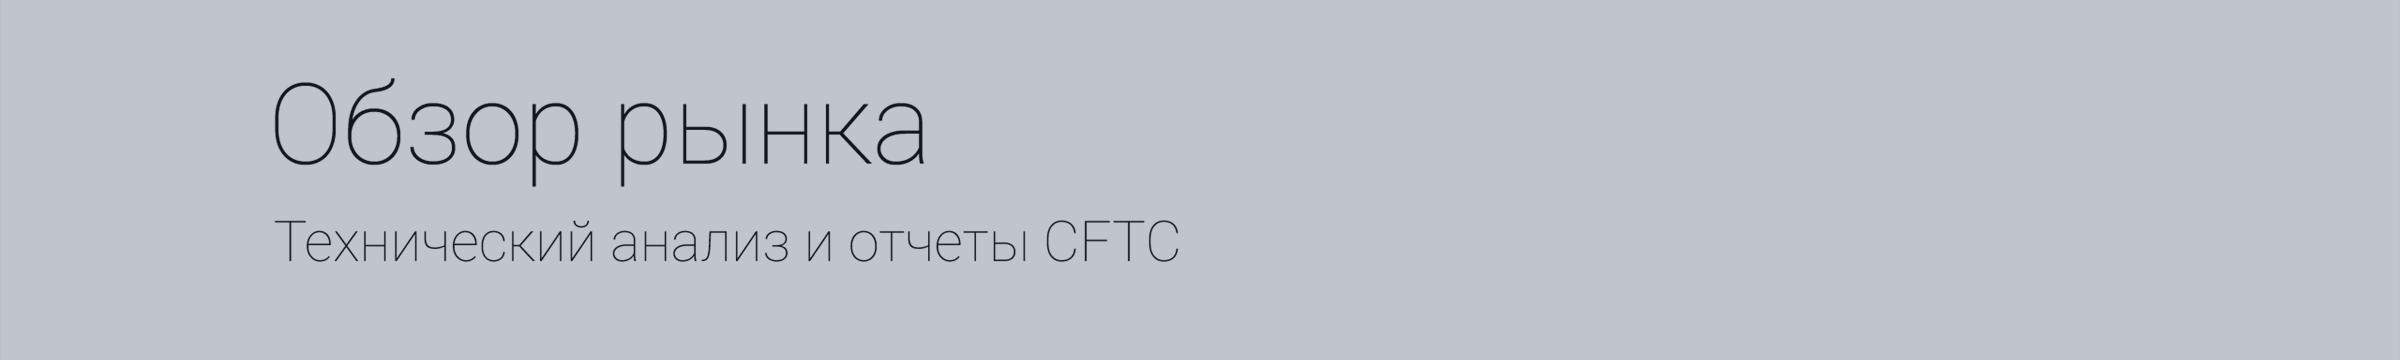 Видеообзор финансовых рынков. Технический анализ и отчеты CFTC (9 - 15 мая)